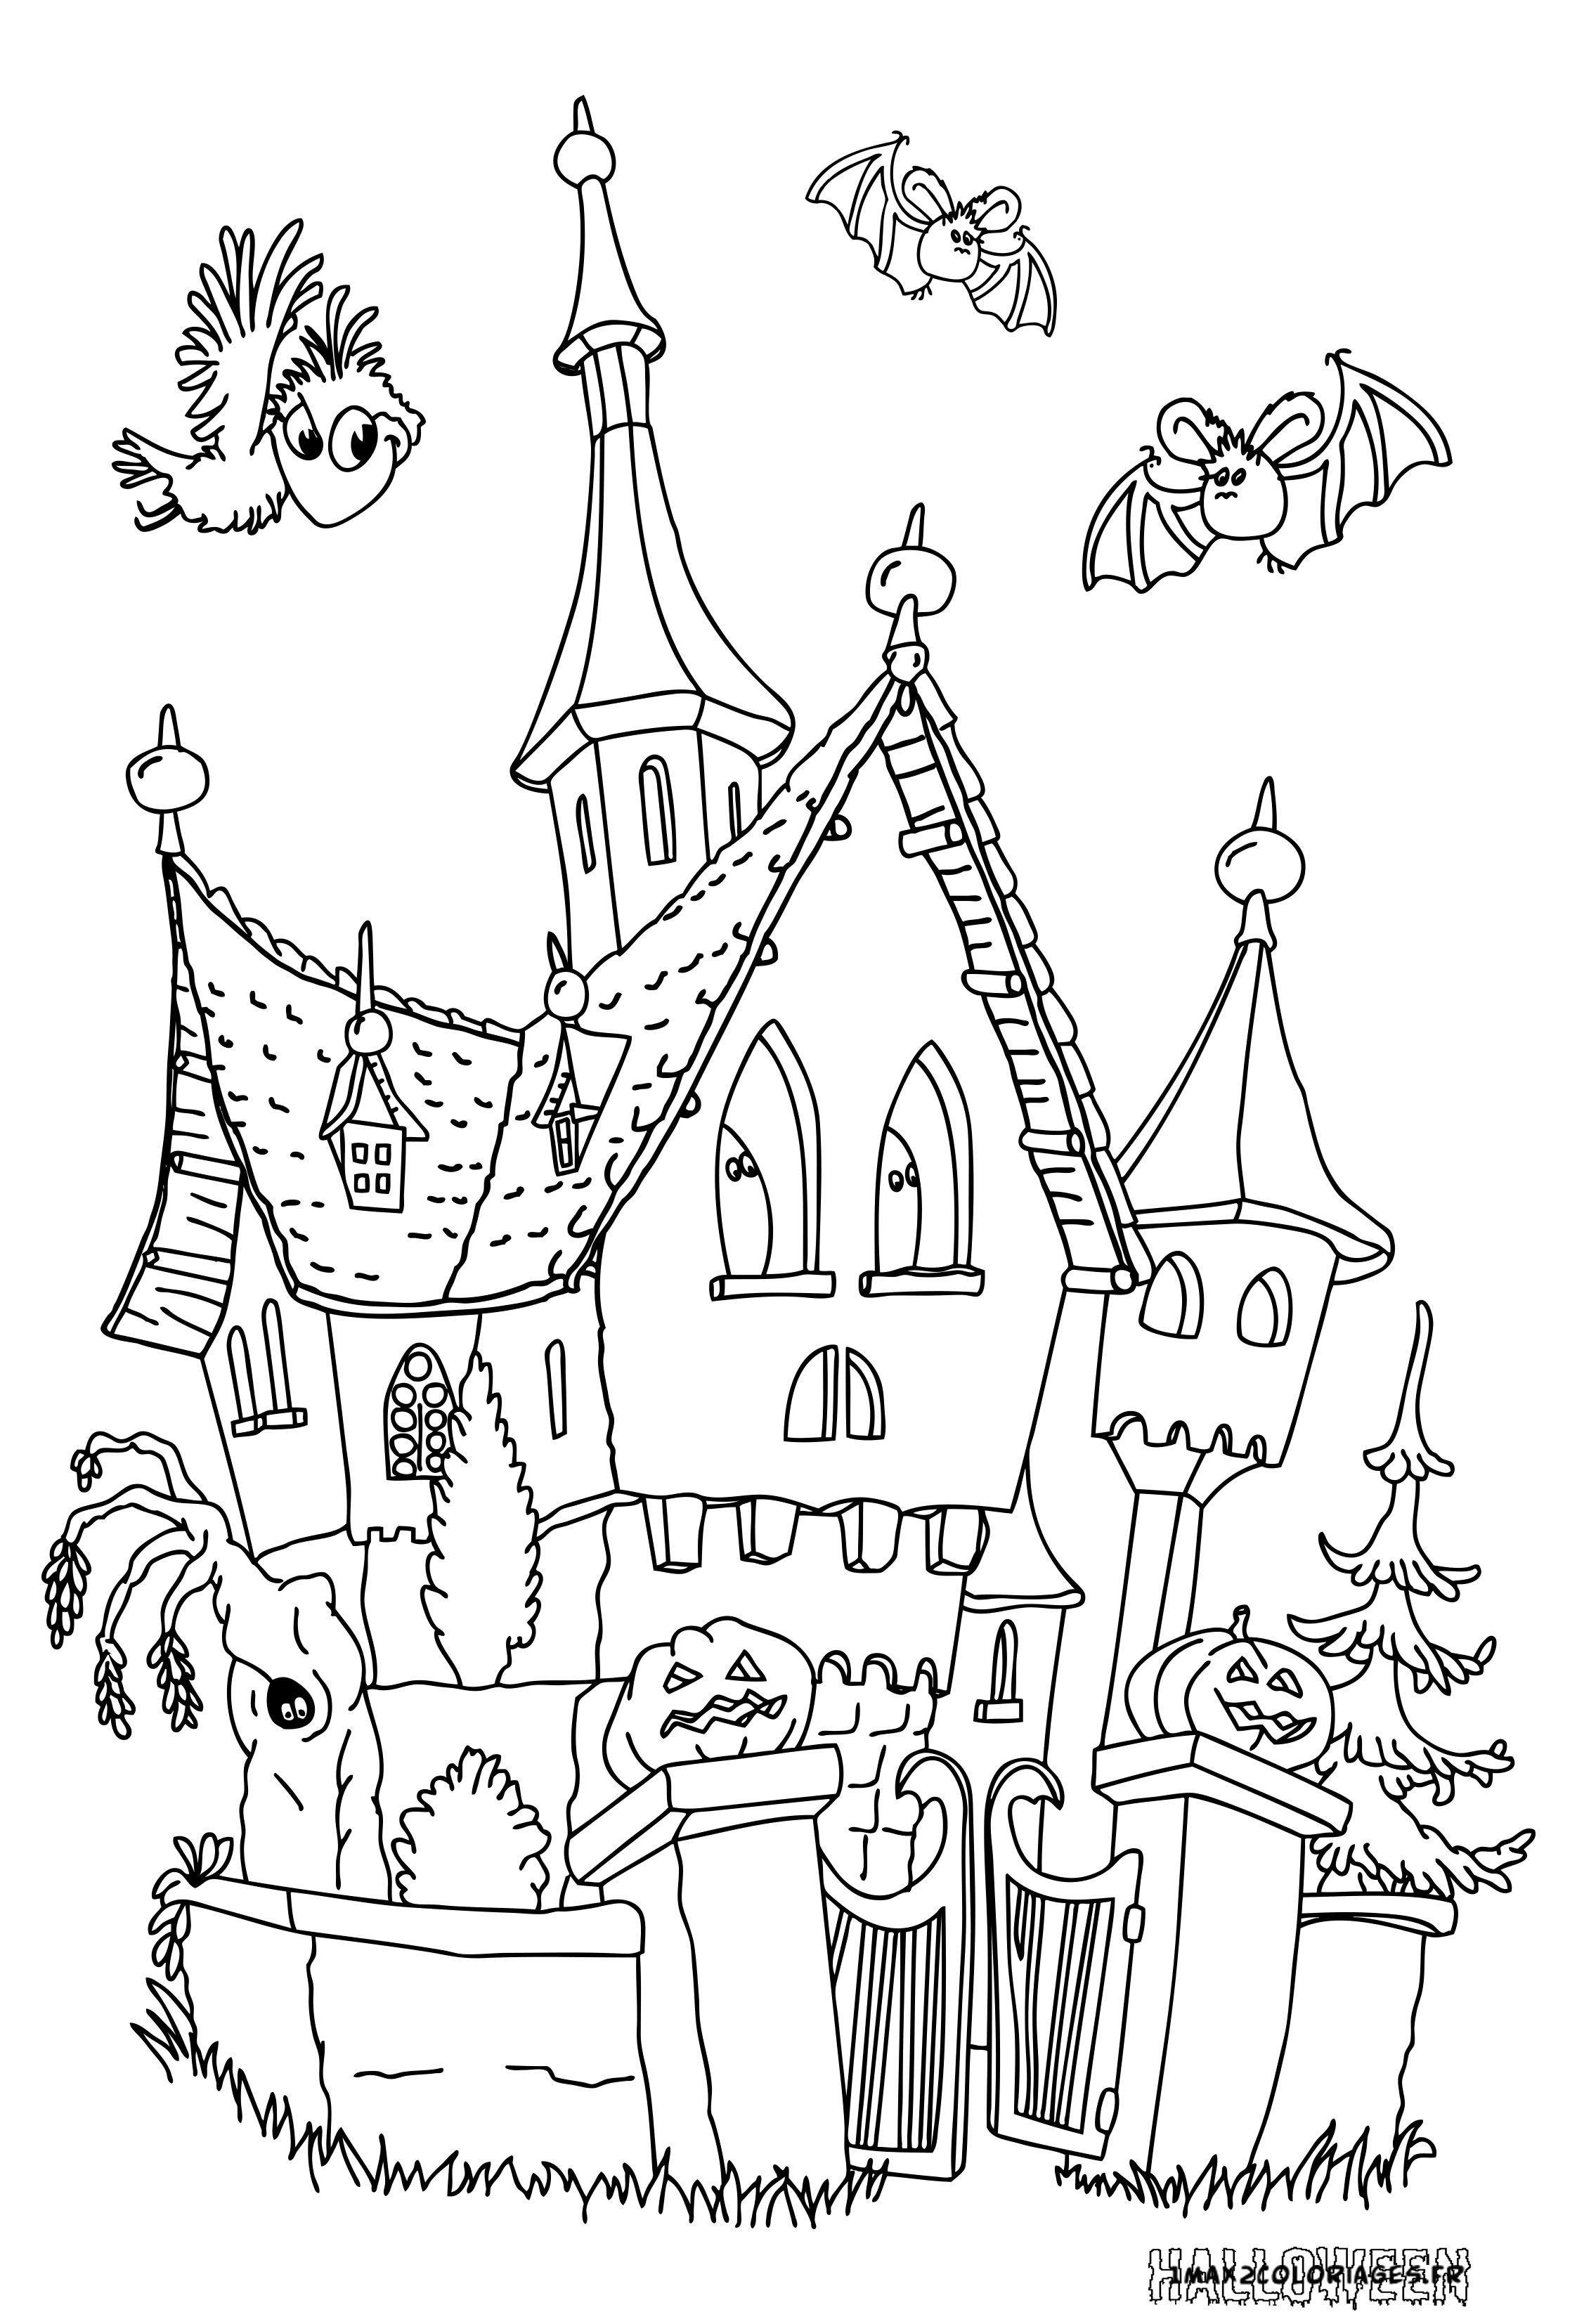 Farbung Malvorlagen Malvorlagenfurkinder Malvorlagen Malvorlagen Halloween Malbuch Vorlagen